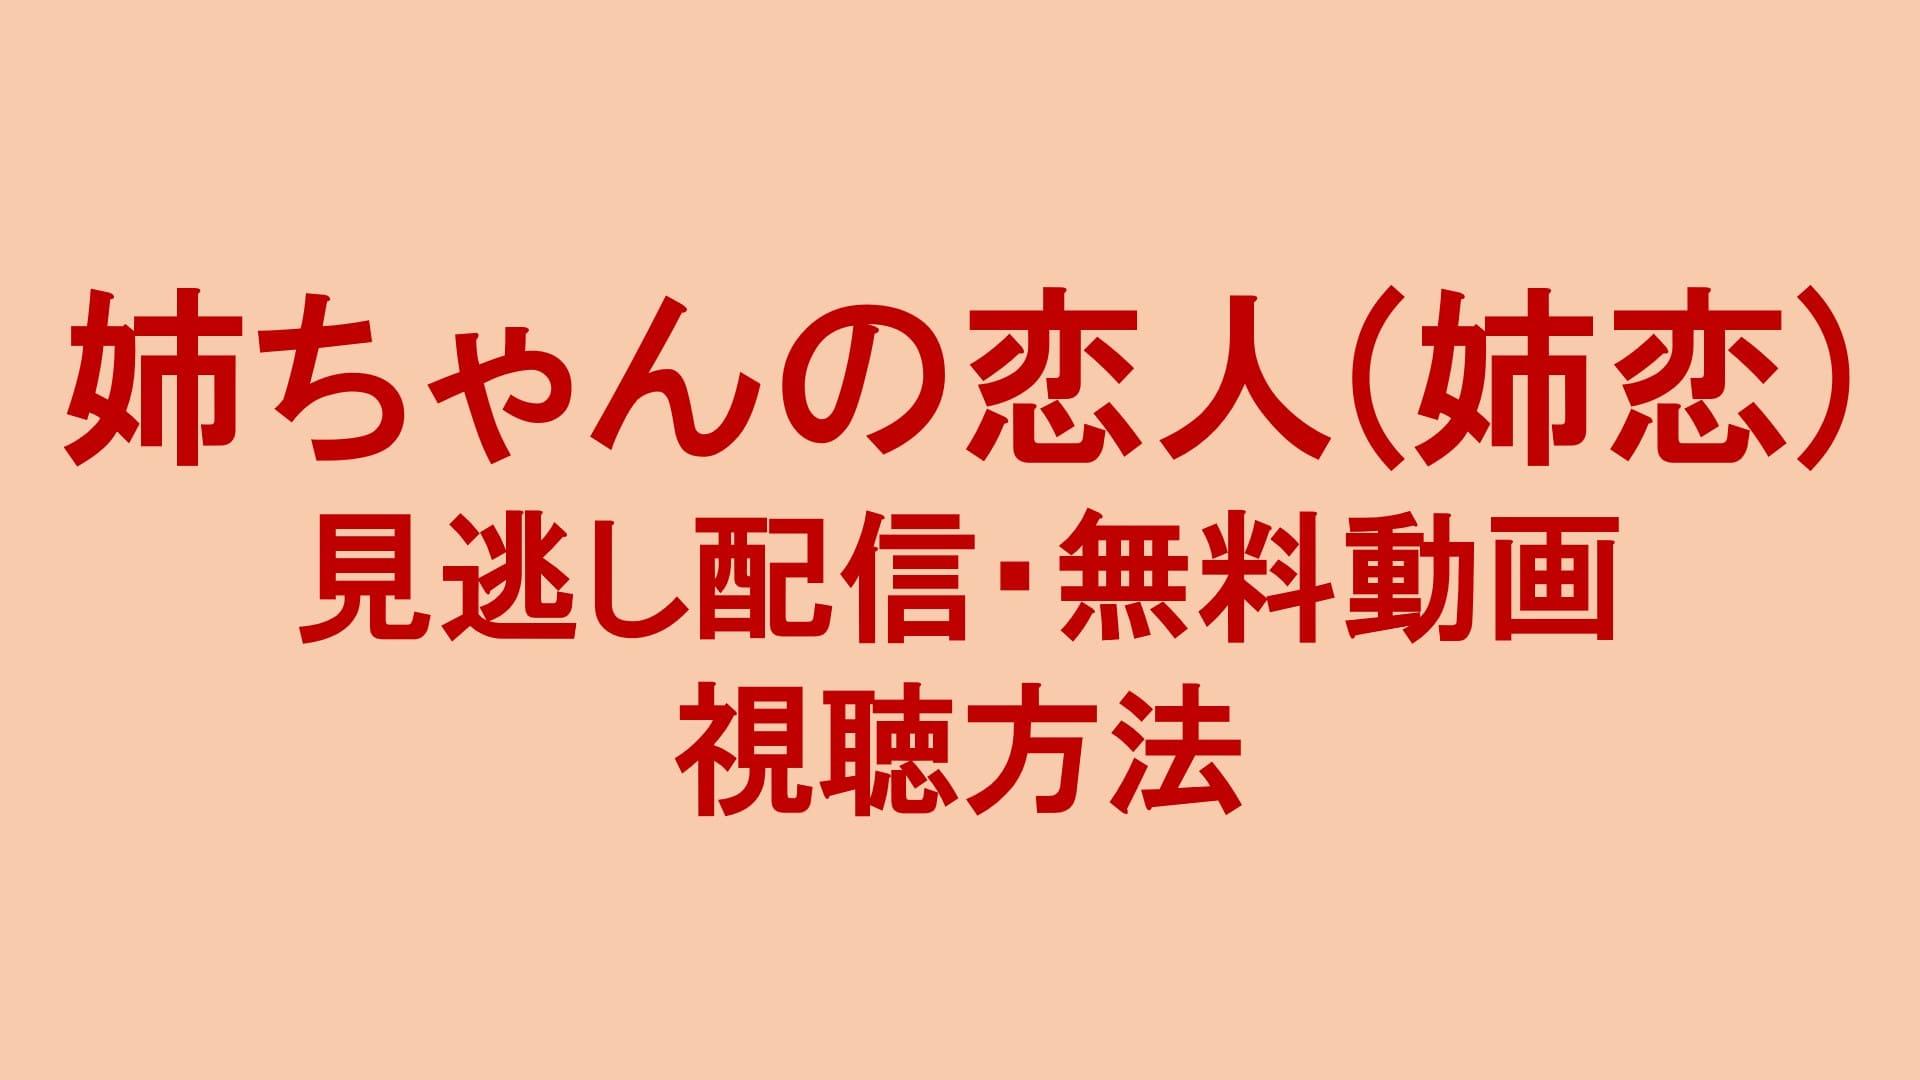 姉ちゃんの恋人(姉恋) 見逃し配信動画・無料視聴方法